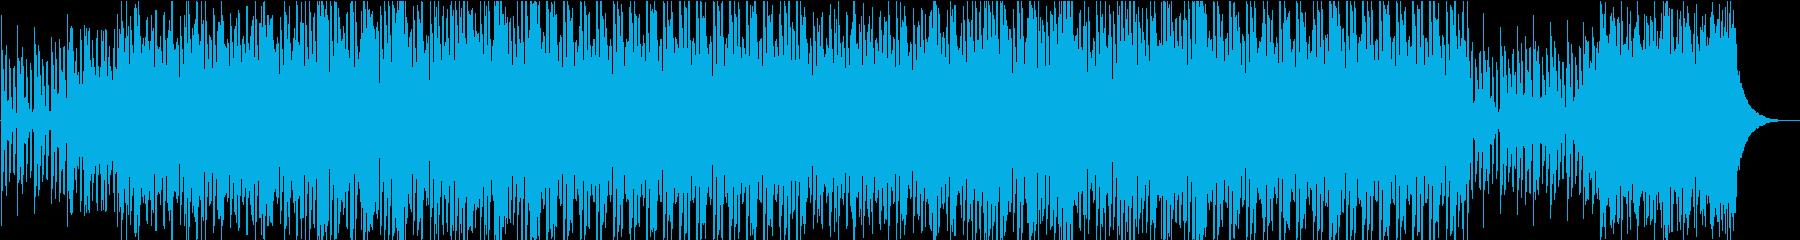 オシャレ/シンプル/ハウス/水/爽やかの再生済みの波形